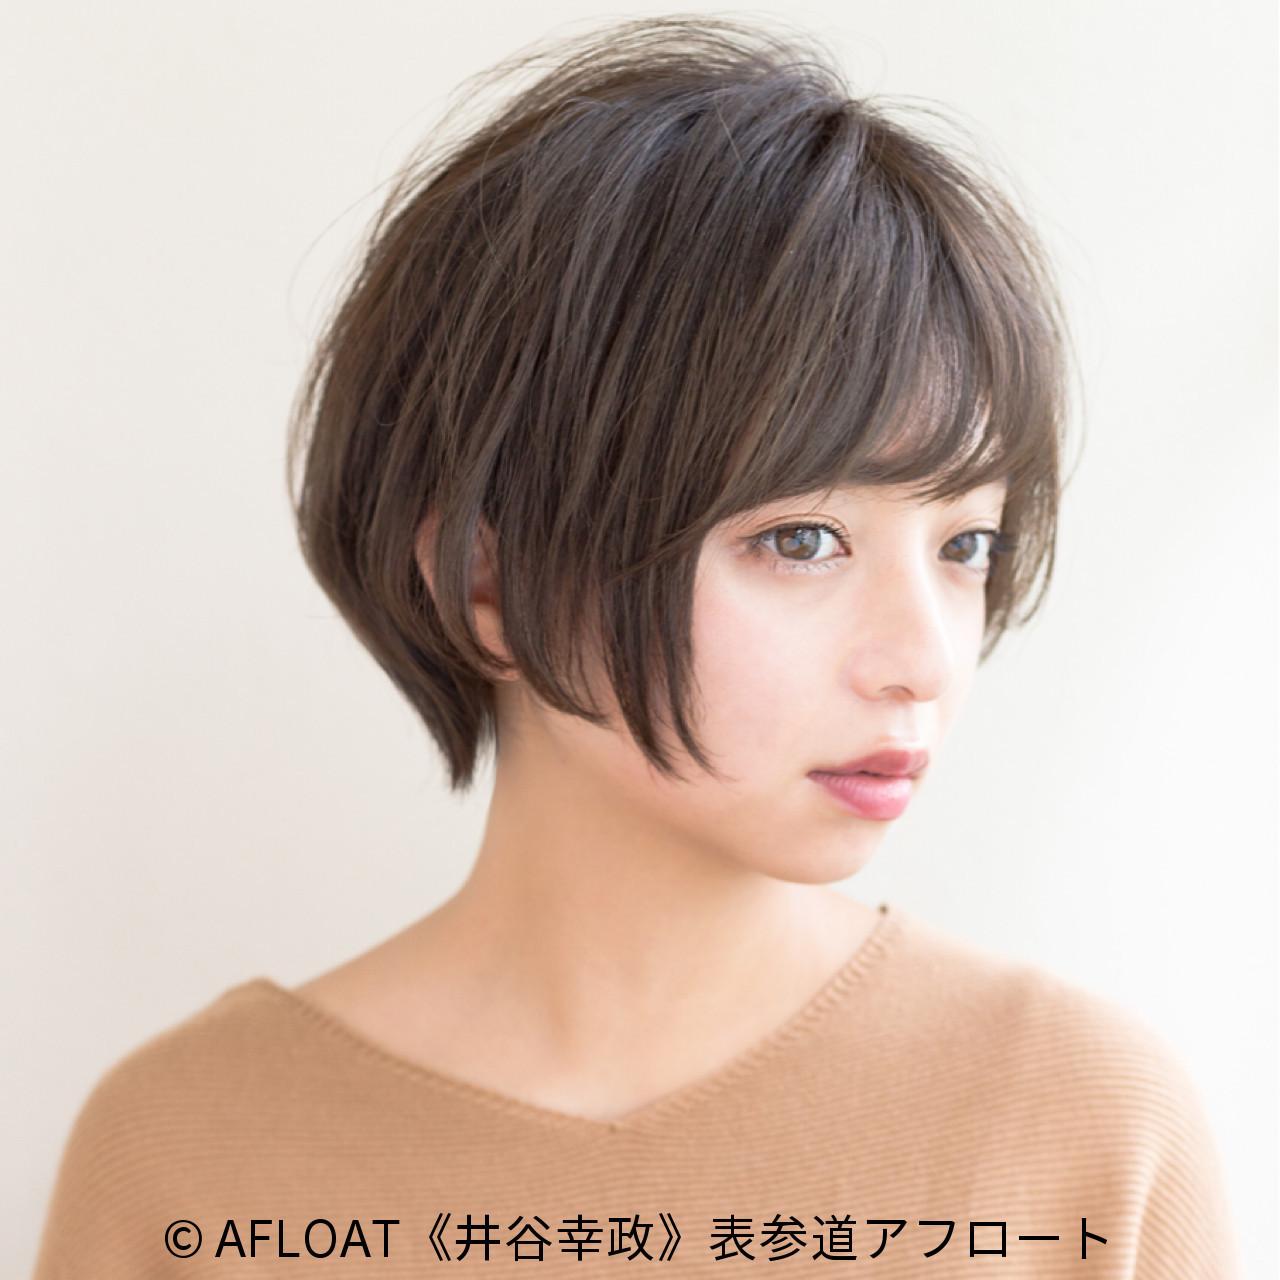 大人かわいい 小顔 ショートボブ 20代 ヘアスタイルや髪型の写真・画像